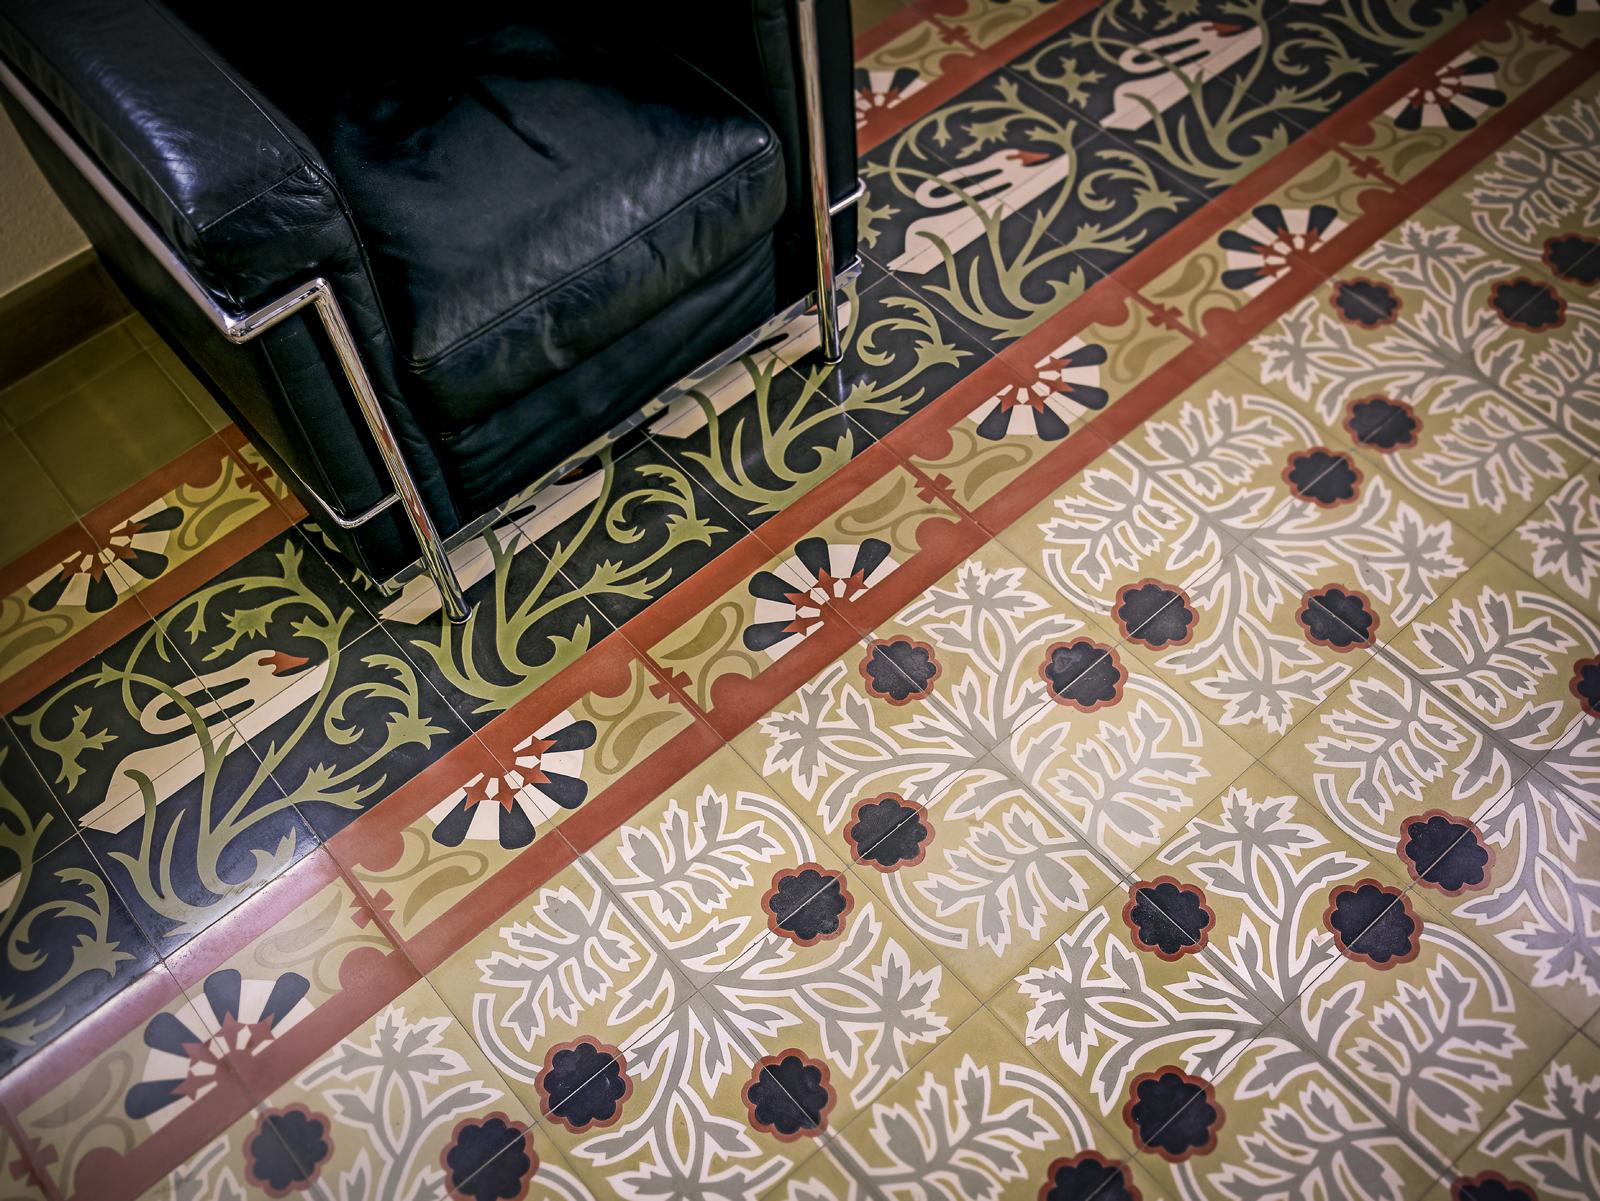 zementmosaikplatten-nr.51134-living-viaplatten | 51134